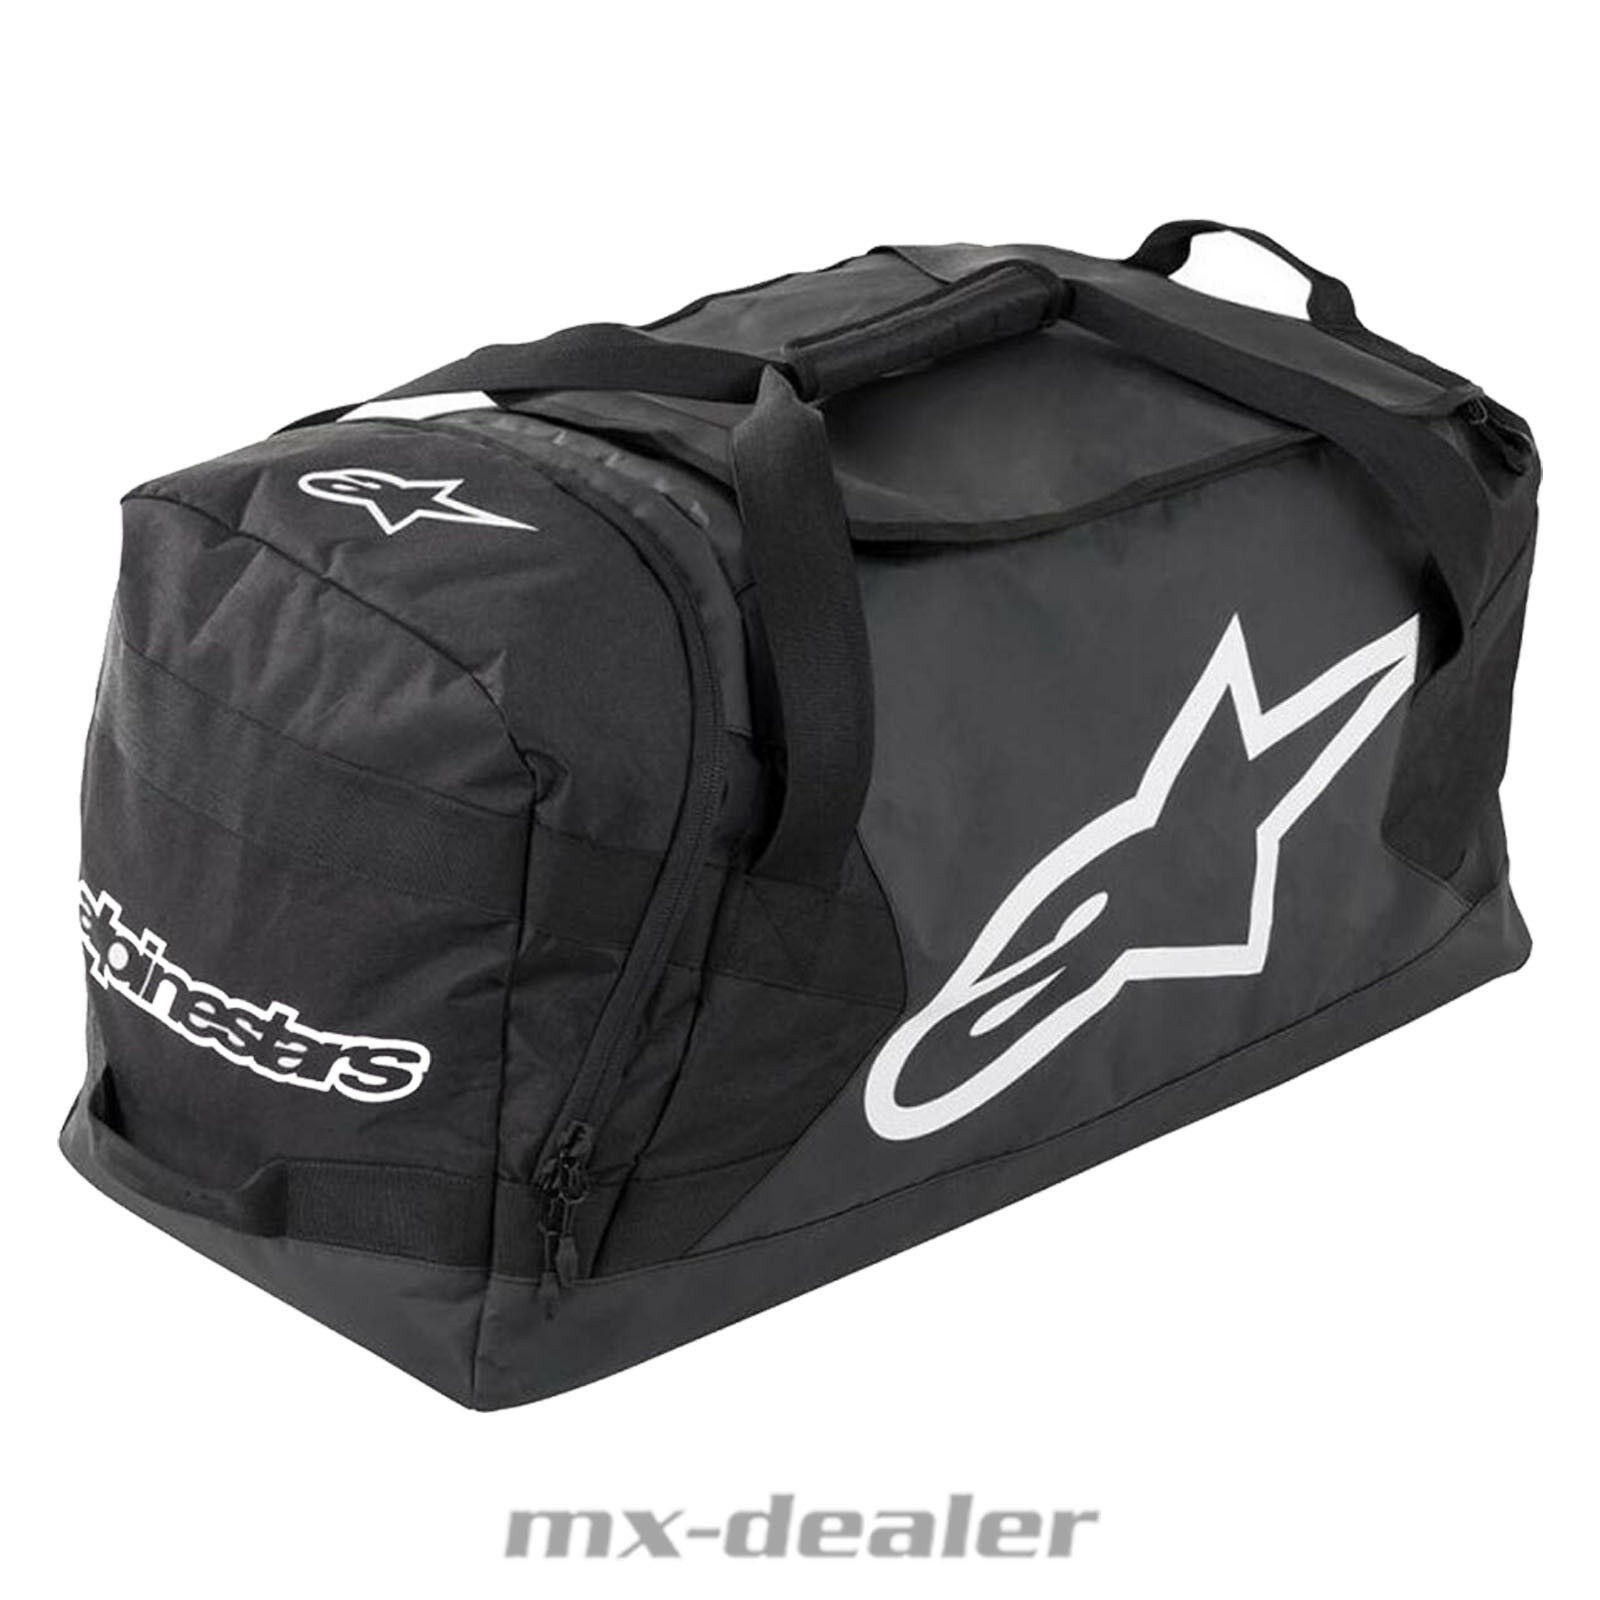 Nuovo 2019 Goanna Borsa Viaggio Gear Nero da 125 Litro Mx Motocross